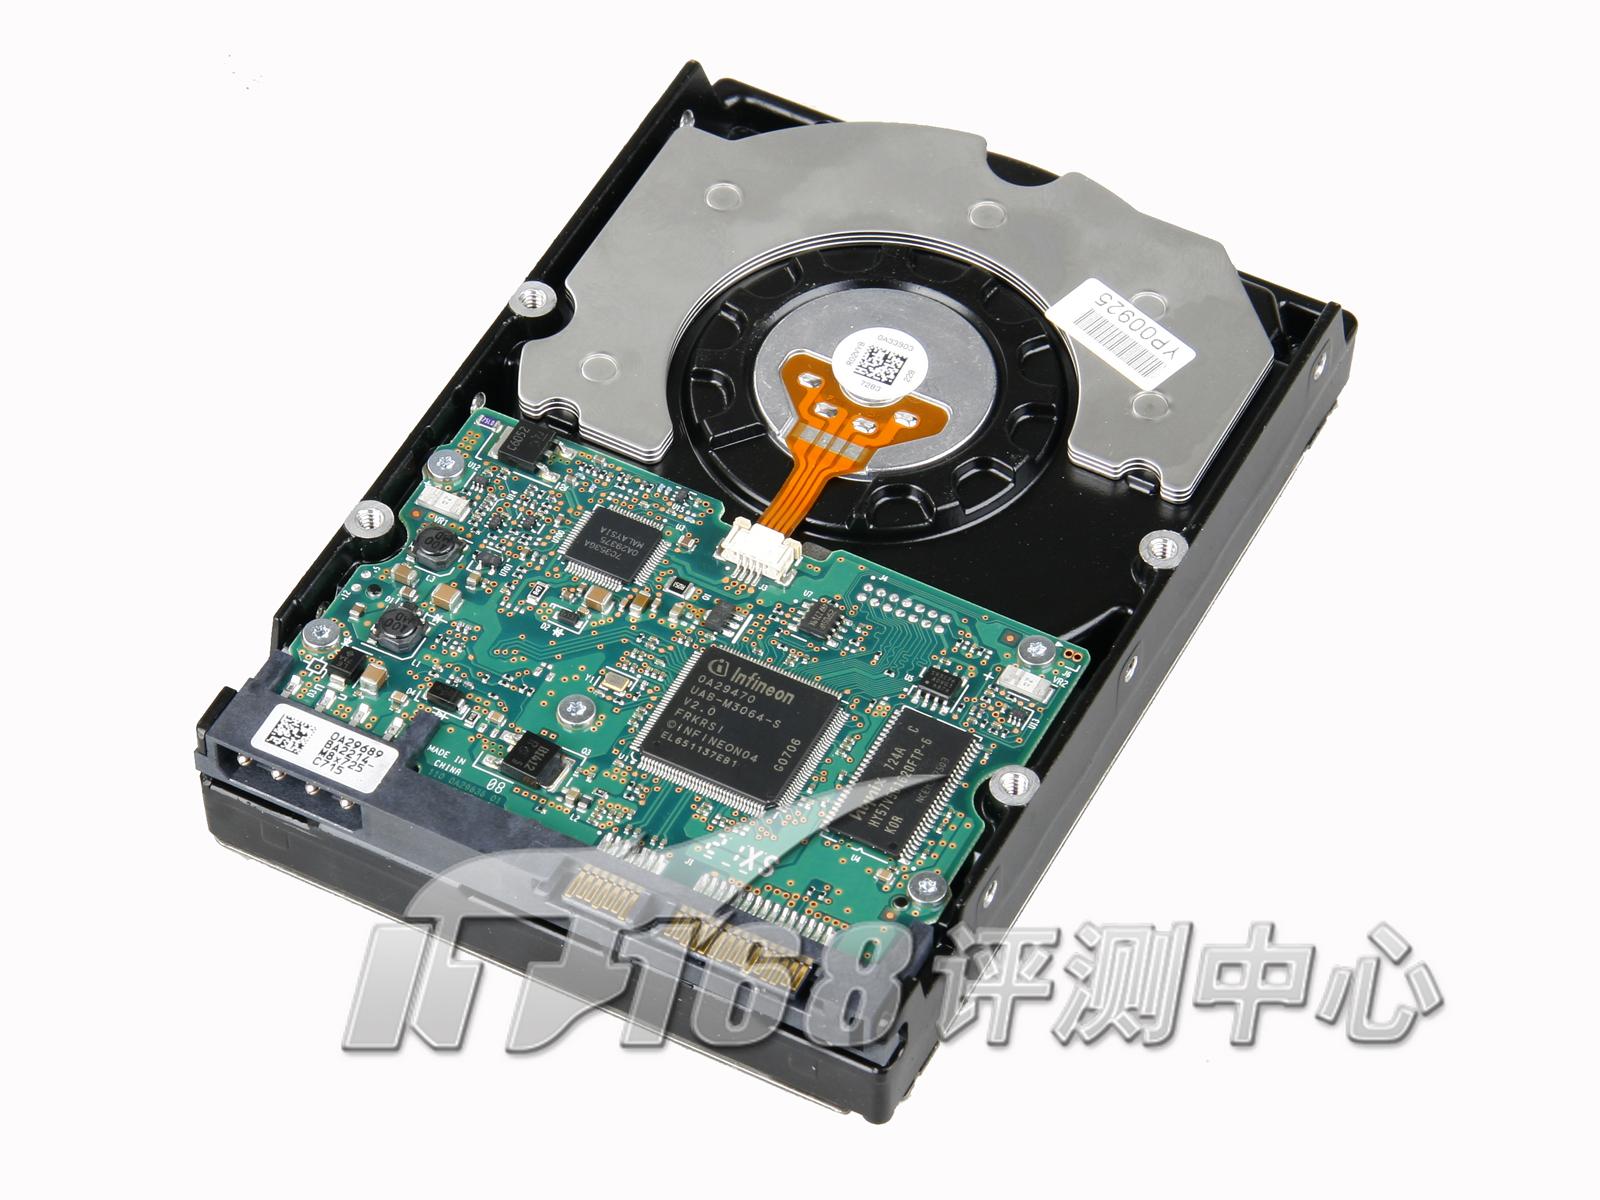 日立硬盘的电路板依然是裸露的,不像希捷或者西部数据那样将芯片安